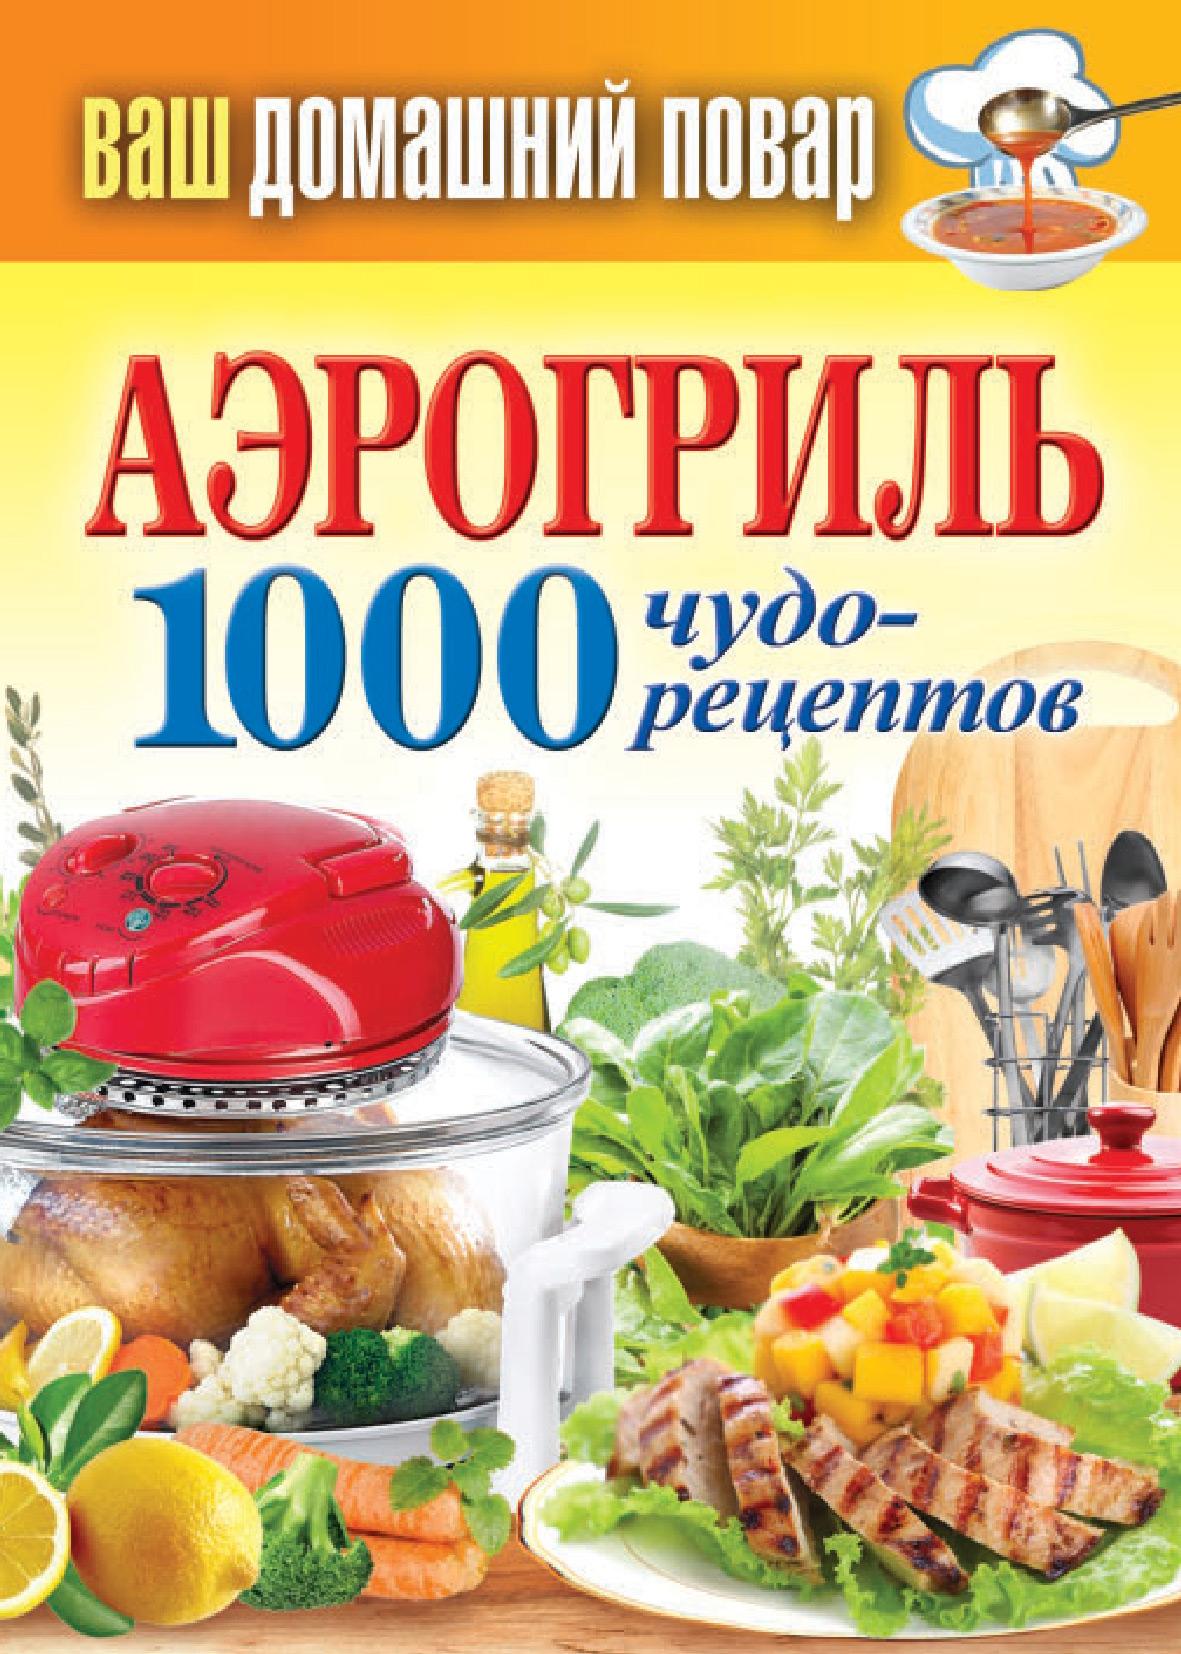 Отсутствует Аэрогриль. 1000 чудо-рецептов отсутствует коптильня 1000 чудо рецептов